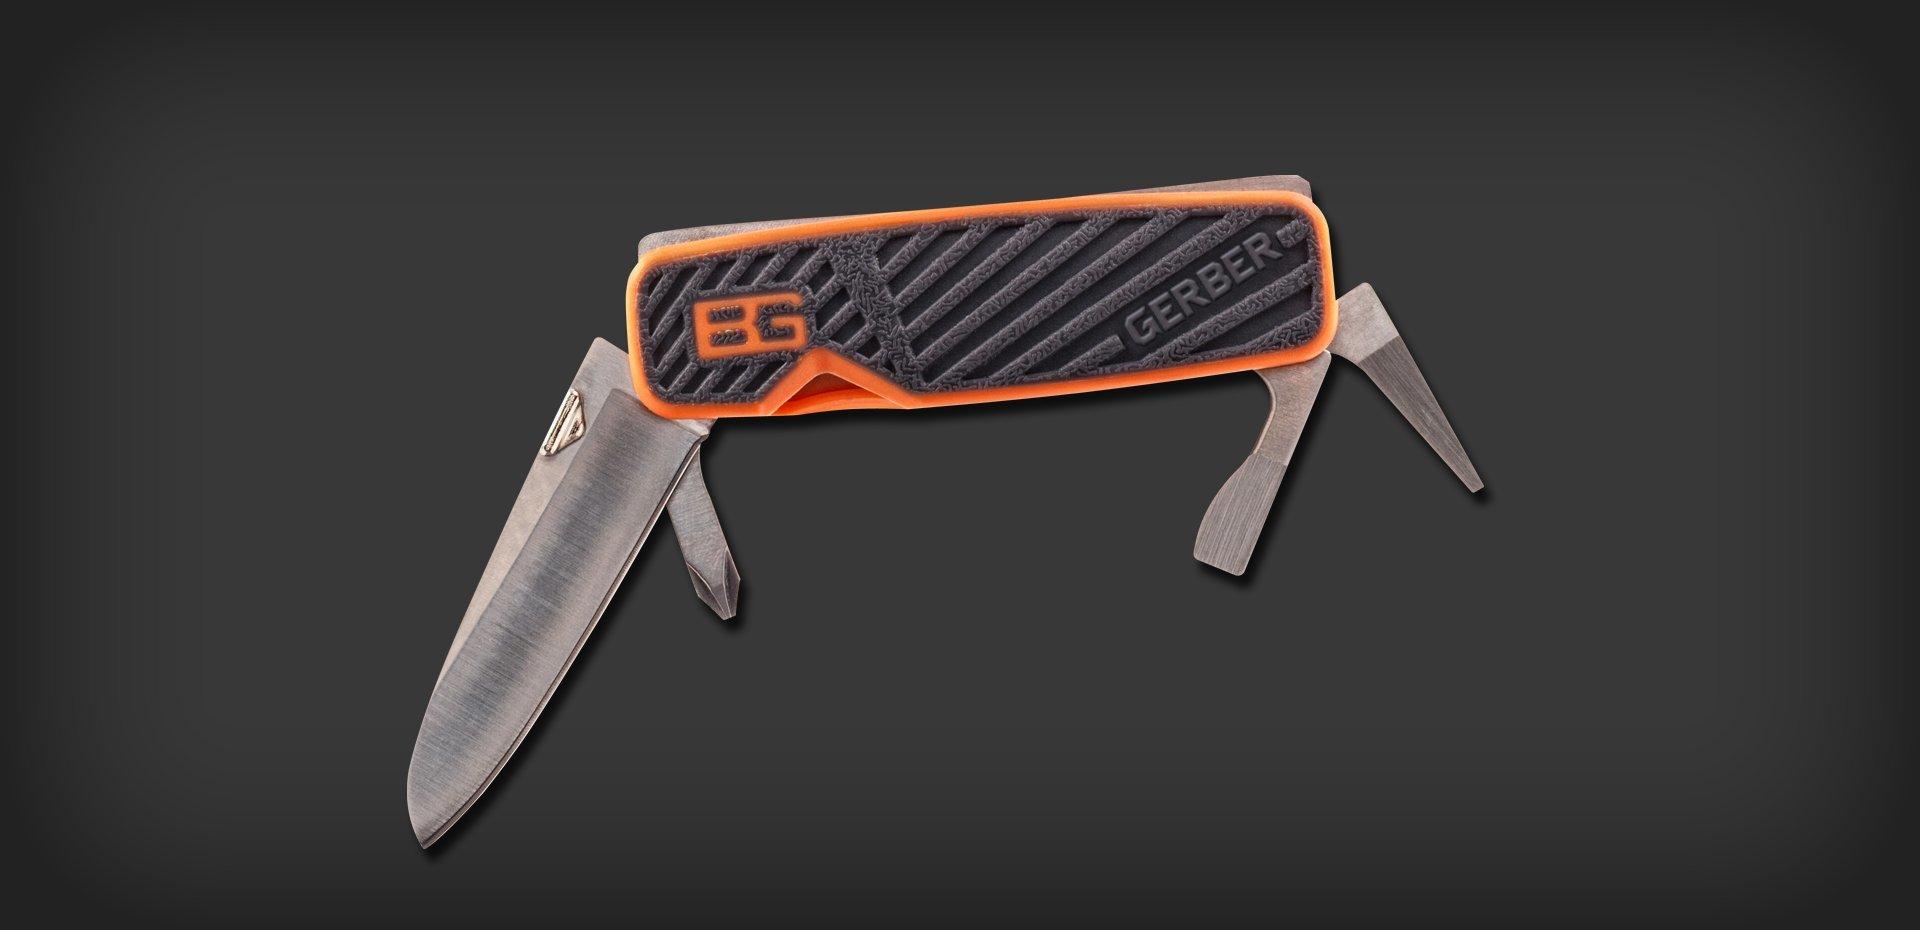 Фото 9 - Мультитул Gerber Bear Grylls Pocket Tool, сталь 5Cr15, прорезиненная рукоять от BearGrylls